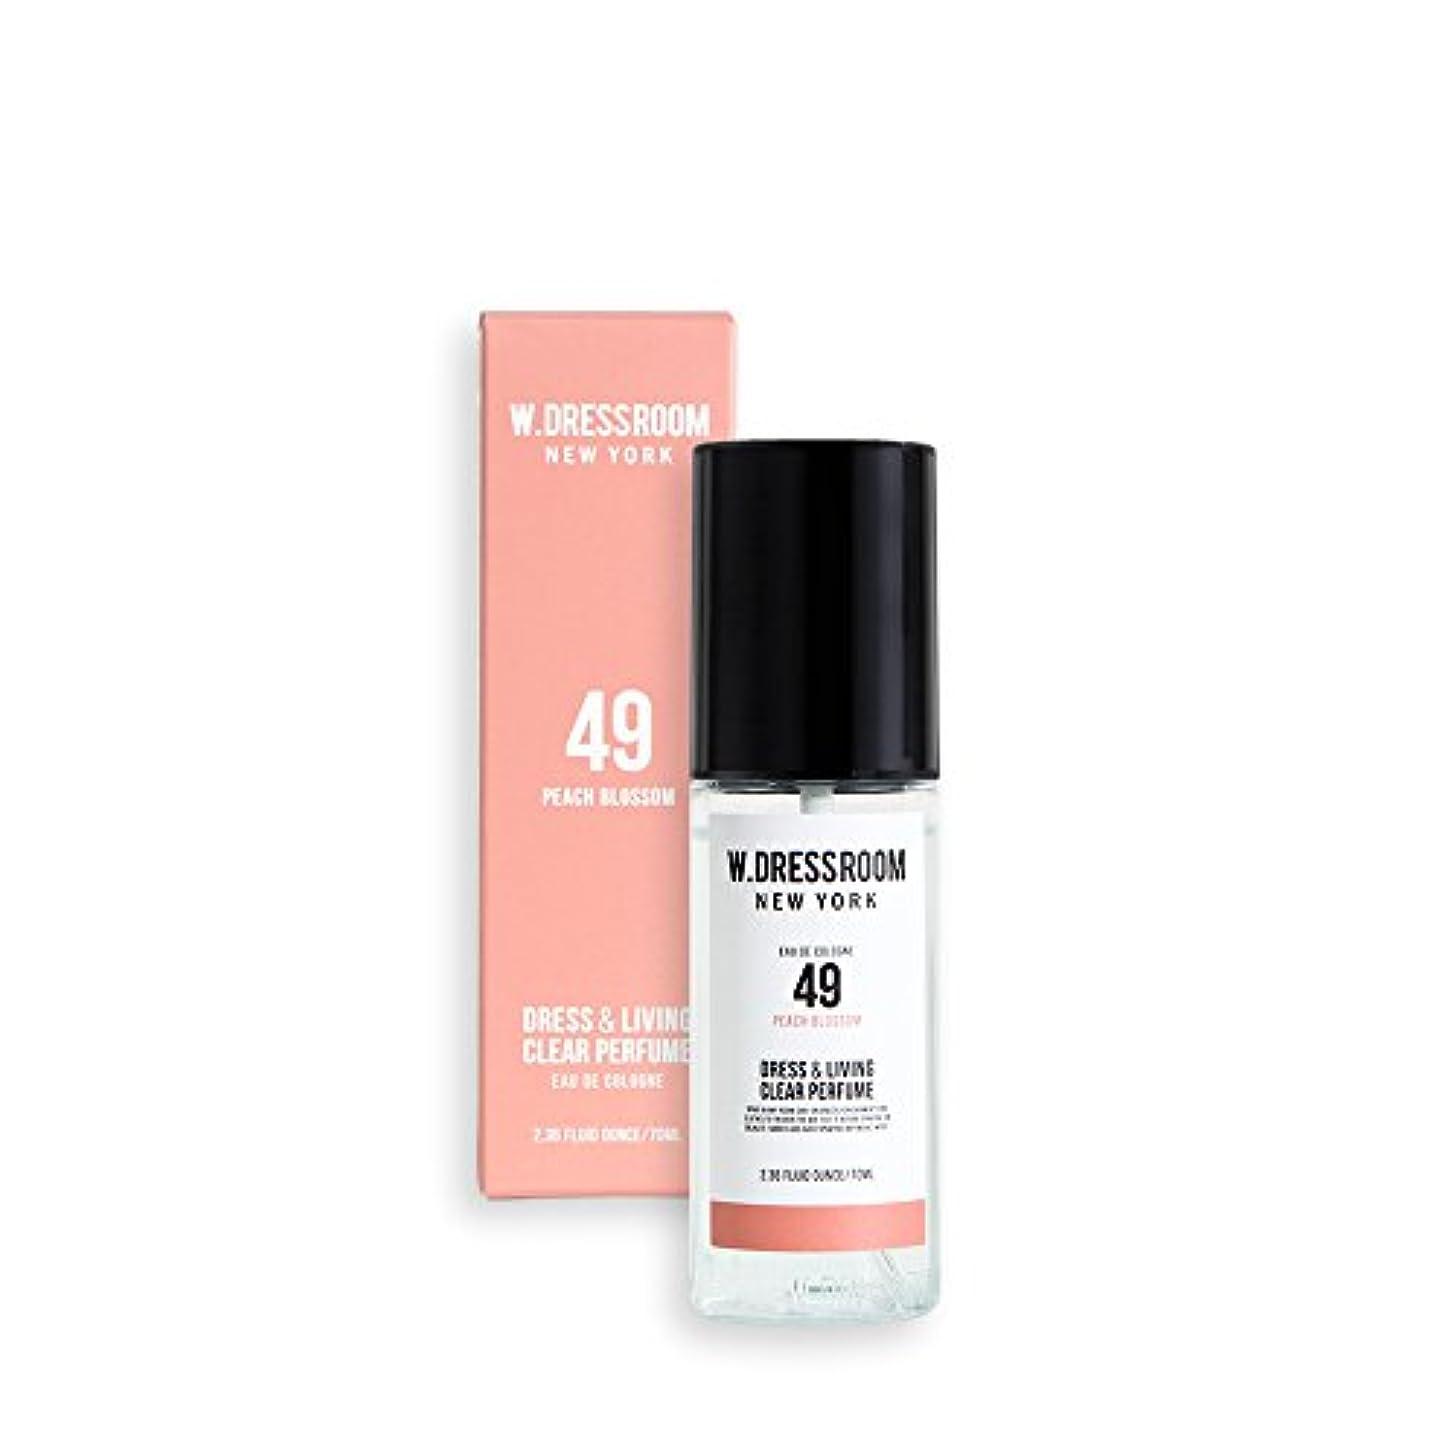 バックアップ派手全員W.DRESSROOM Dress & Living Clear Perfume 70ml (#No.49 Peach Blossom)/ダブルドレスルーム ドレス&リビング クリア パフューム 70ml (#No.49...